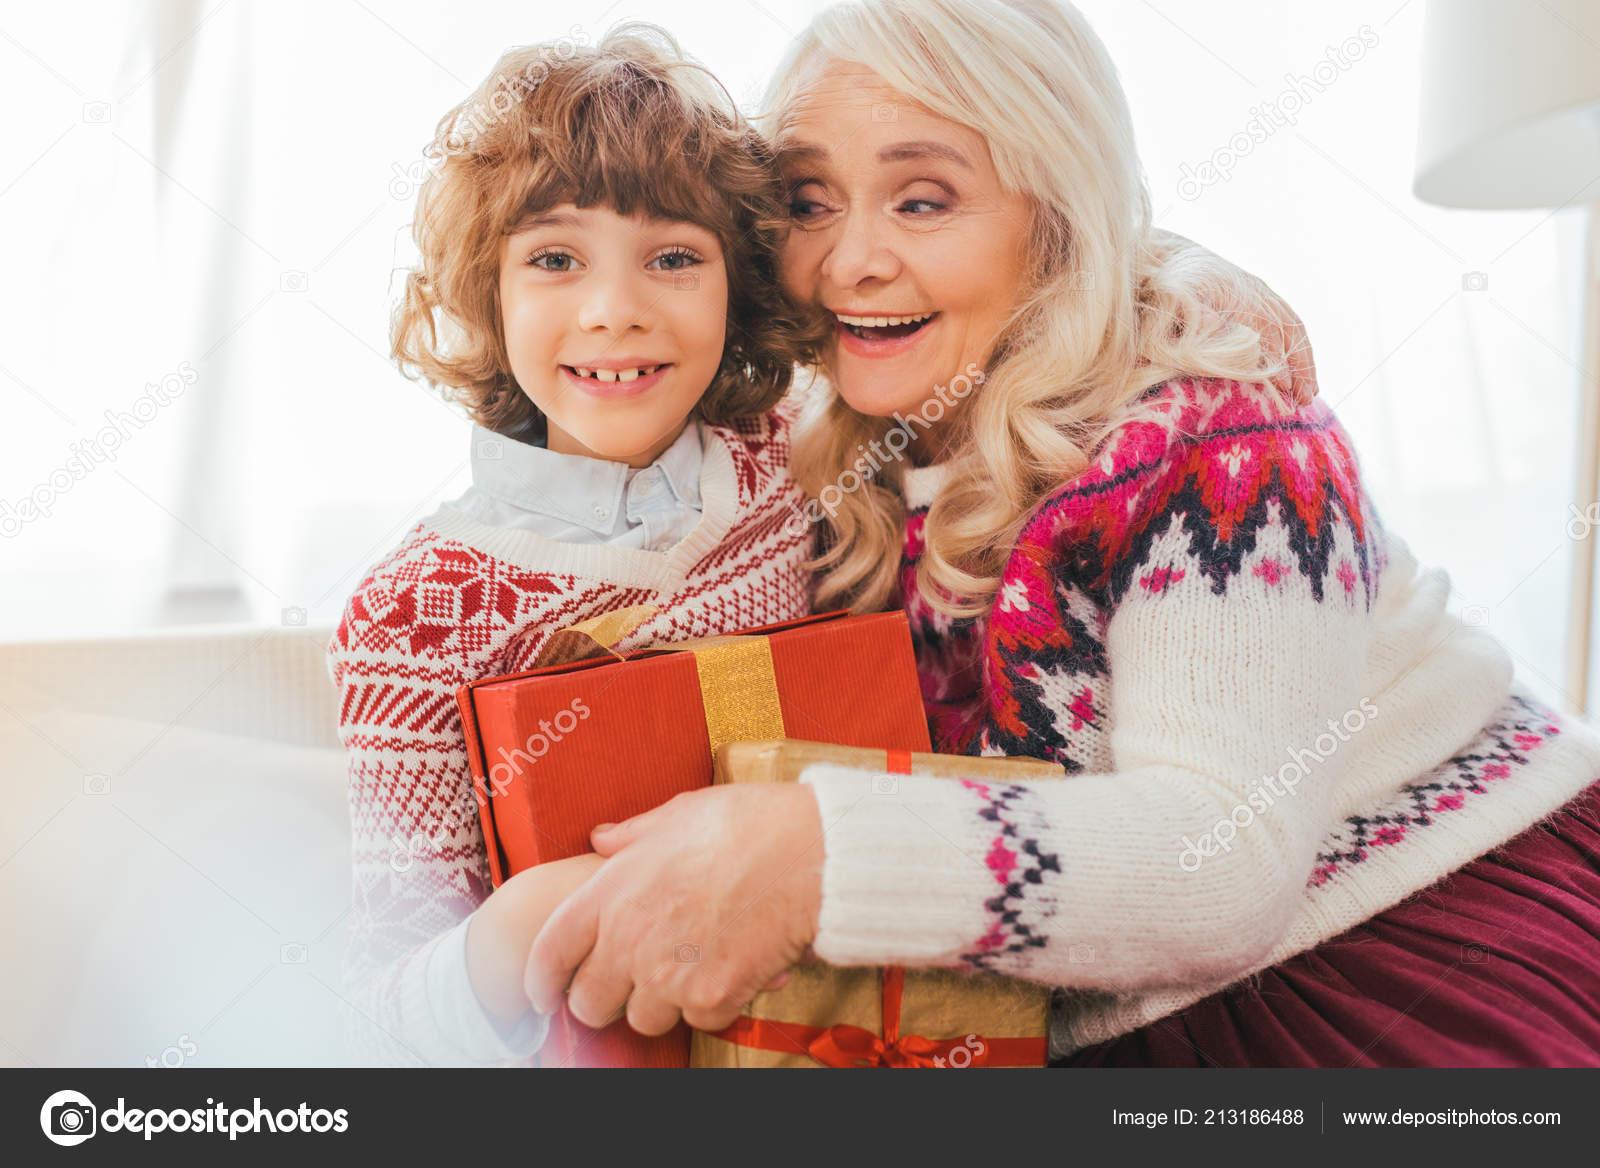 Regali Di Natale Per La Nonna.Nonna Che Abbraccia Suo Nipote Con Regali Natale Foto Stock